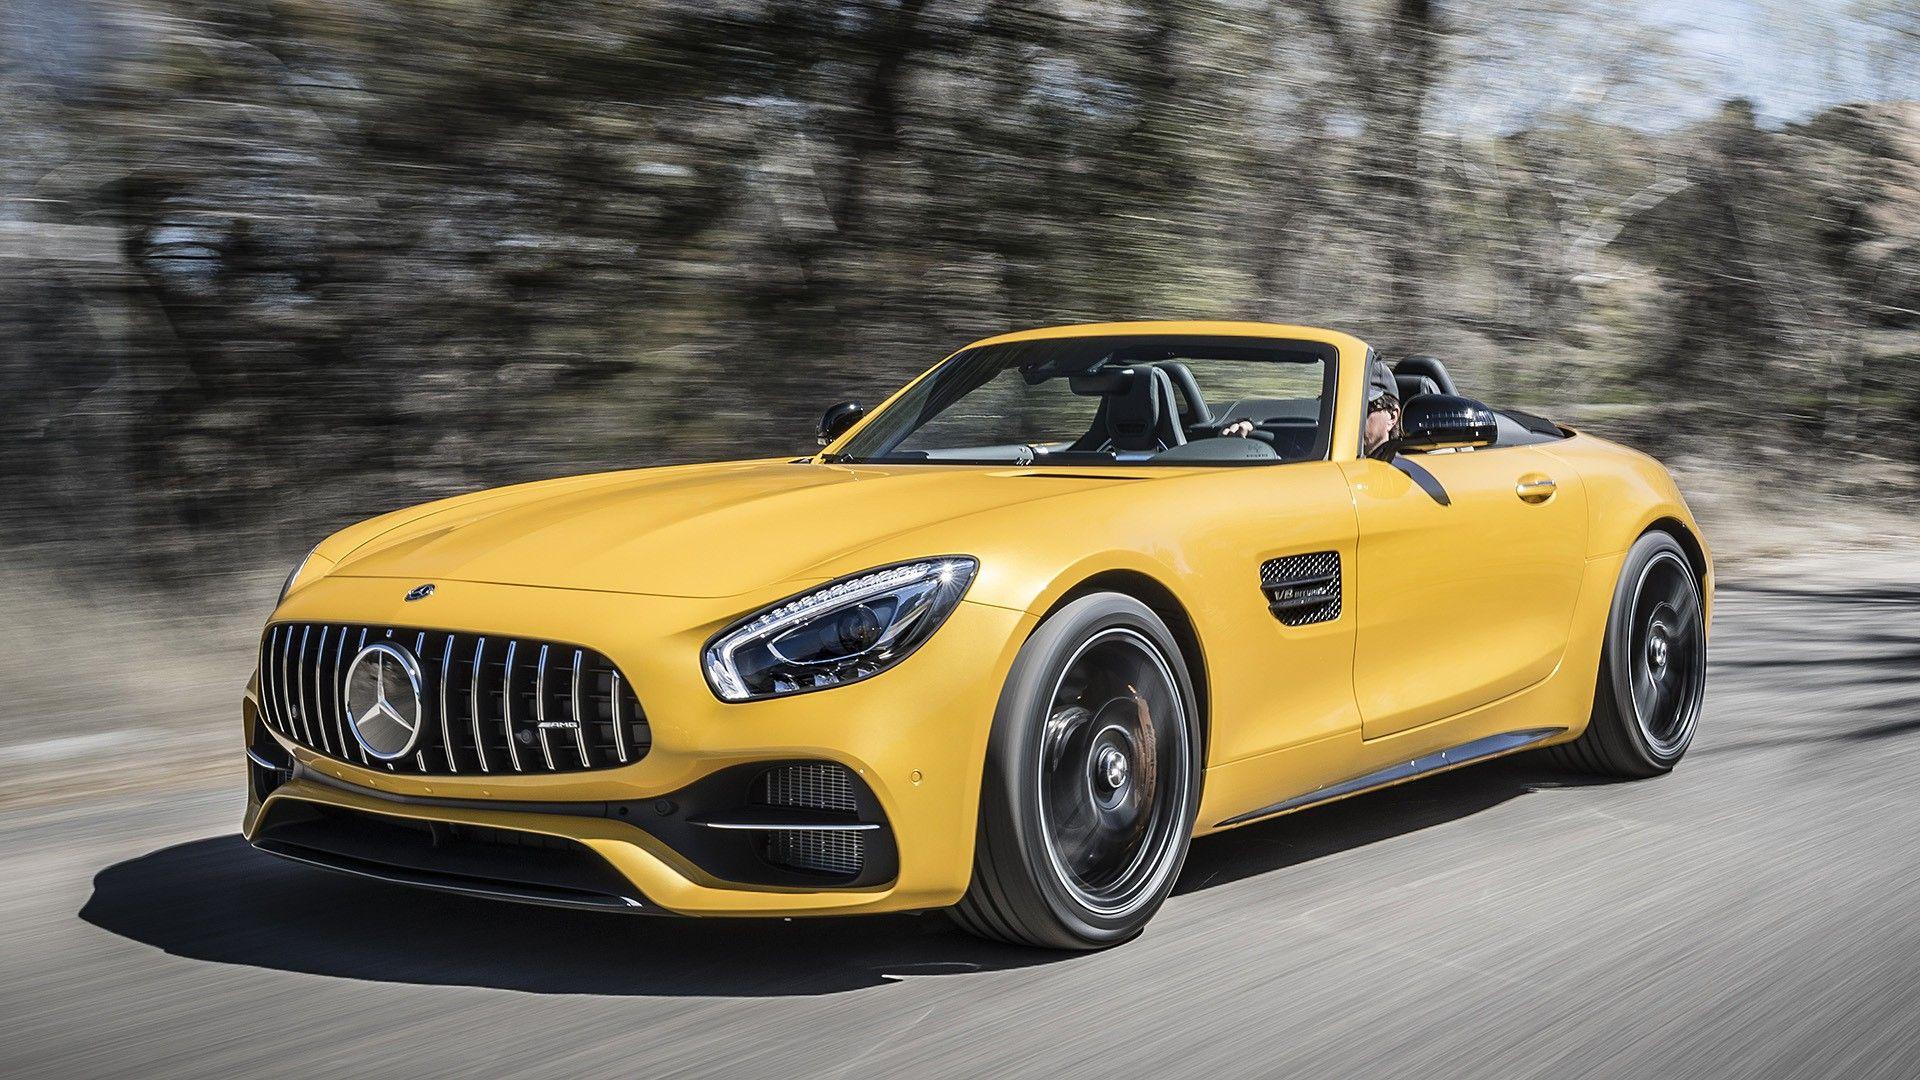 2018 Mercedes AMG GT C Roadster fav cars Pinterest